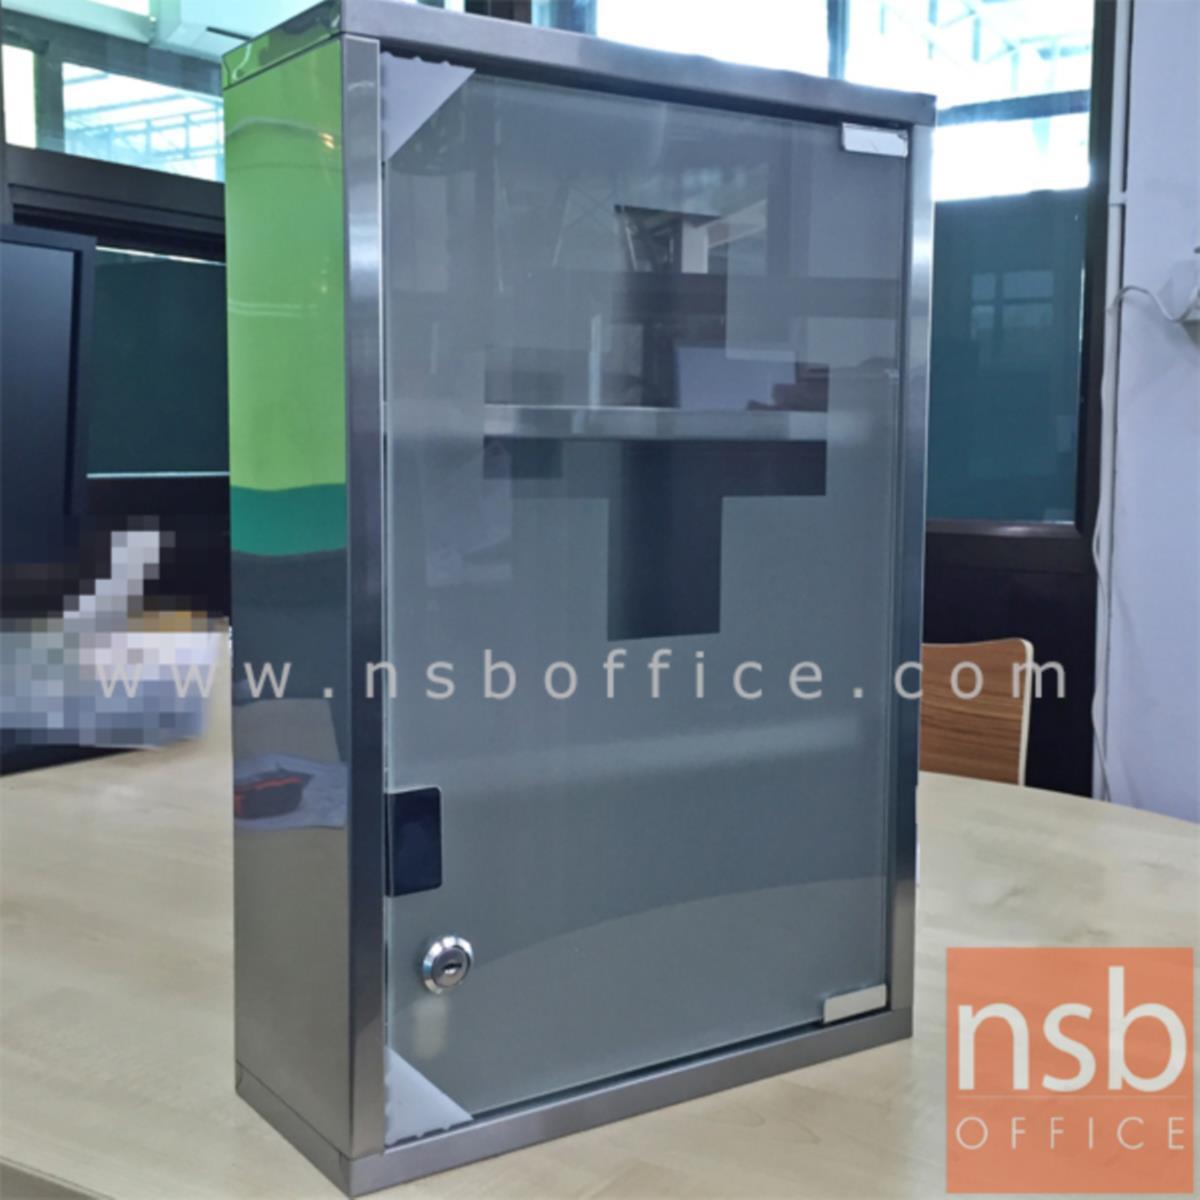 ตู้ยาสามัญประจำบ้านสเตนเลสหน้าบานกระจก รุ่น SAVE-2 (มี 1 กุญแจ)